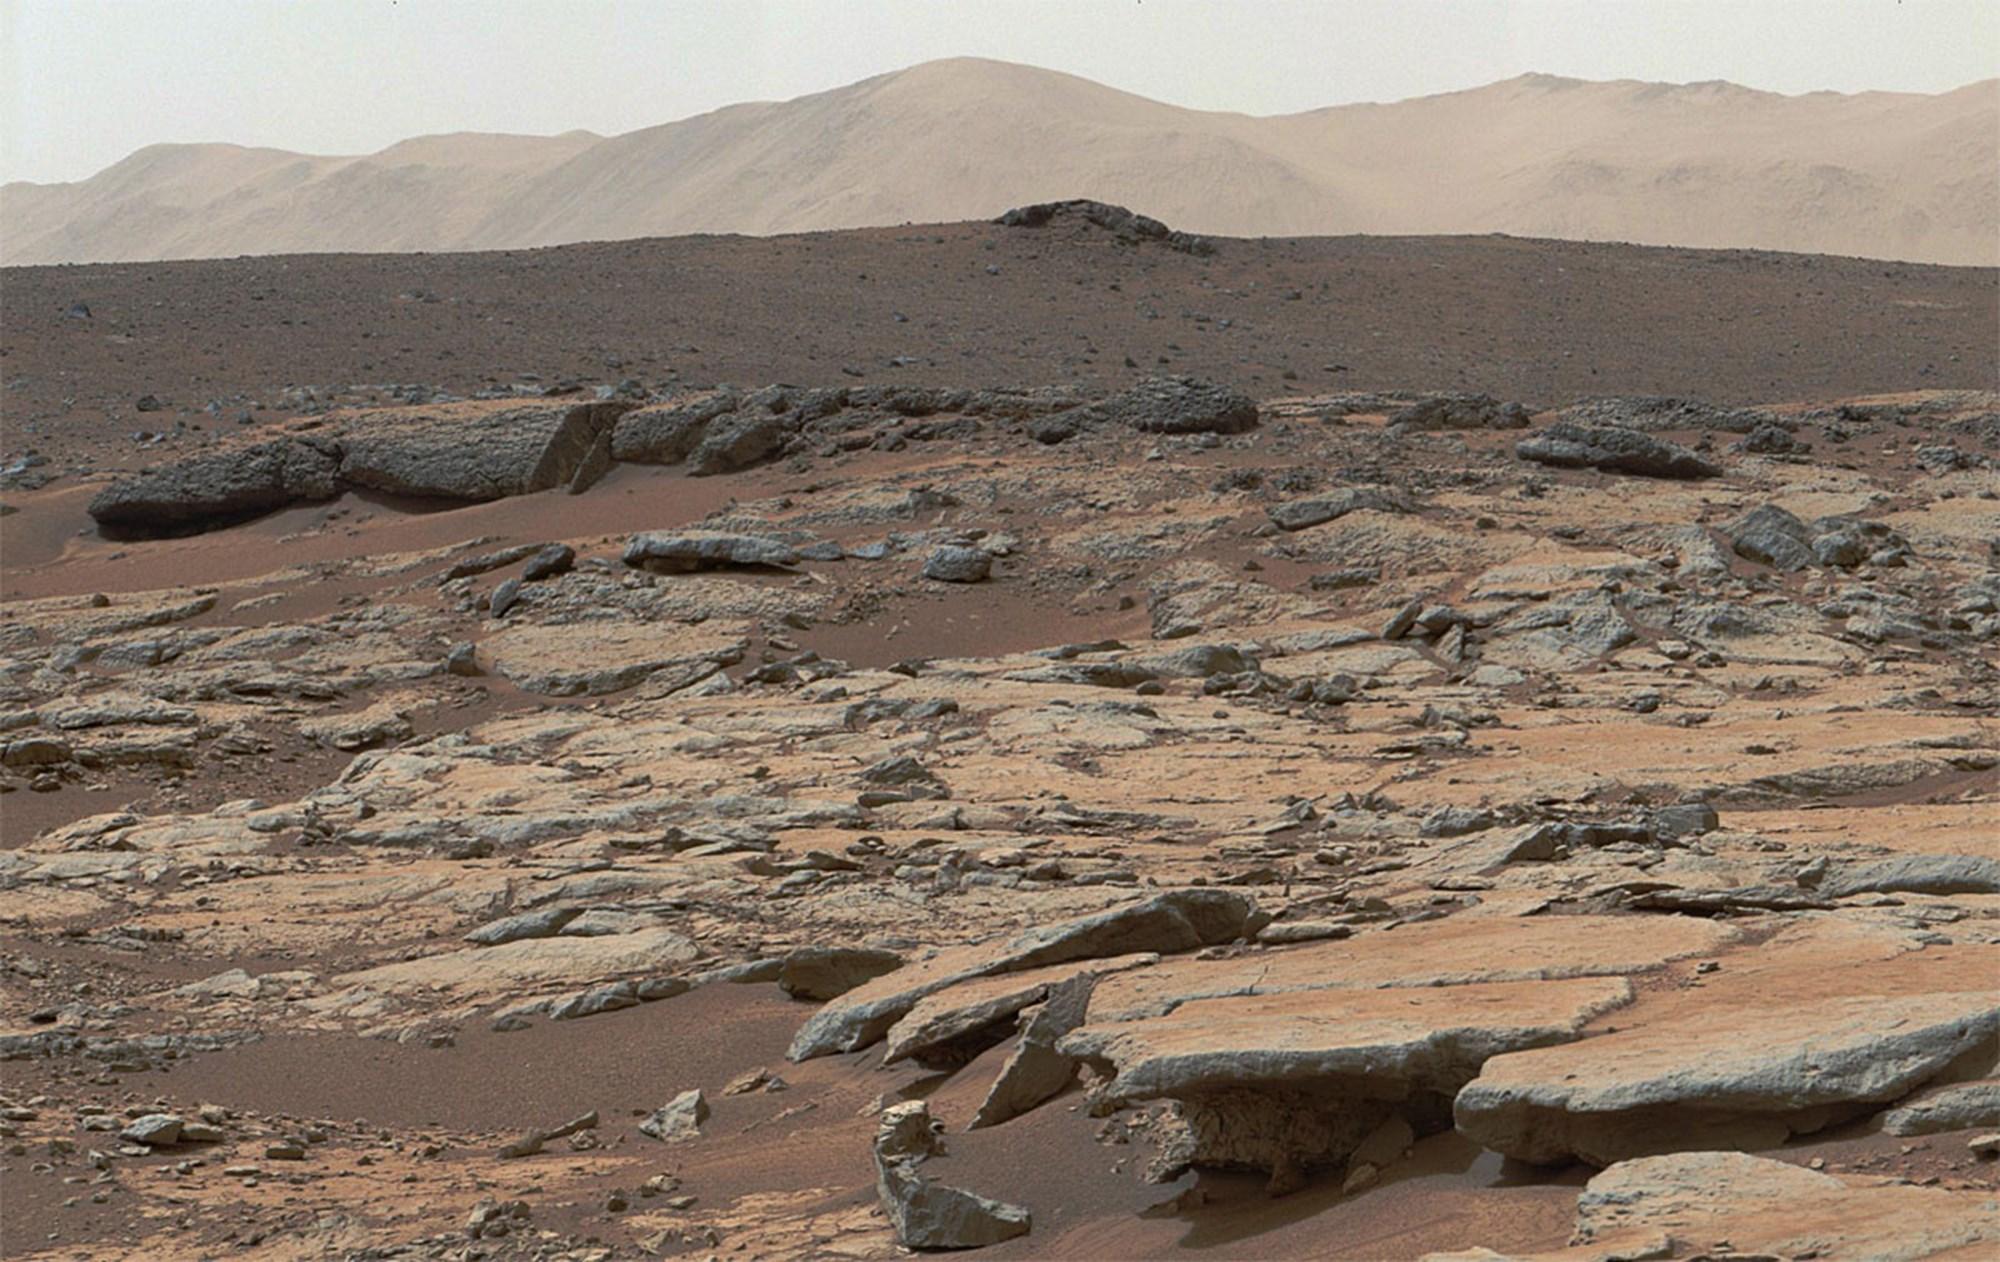 Forscher rätseln: Methan verschwindet aus der Marsatmosphäre